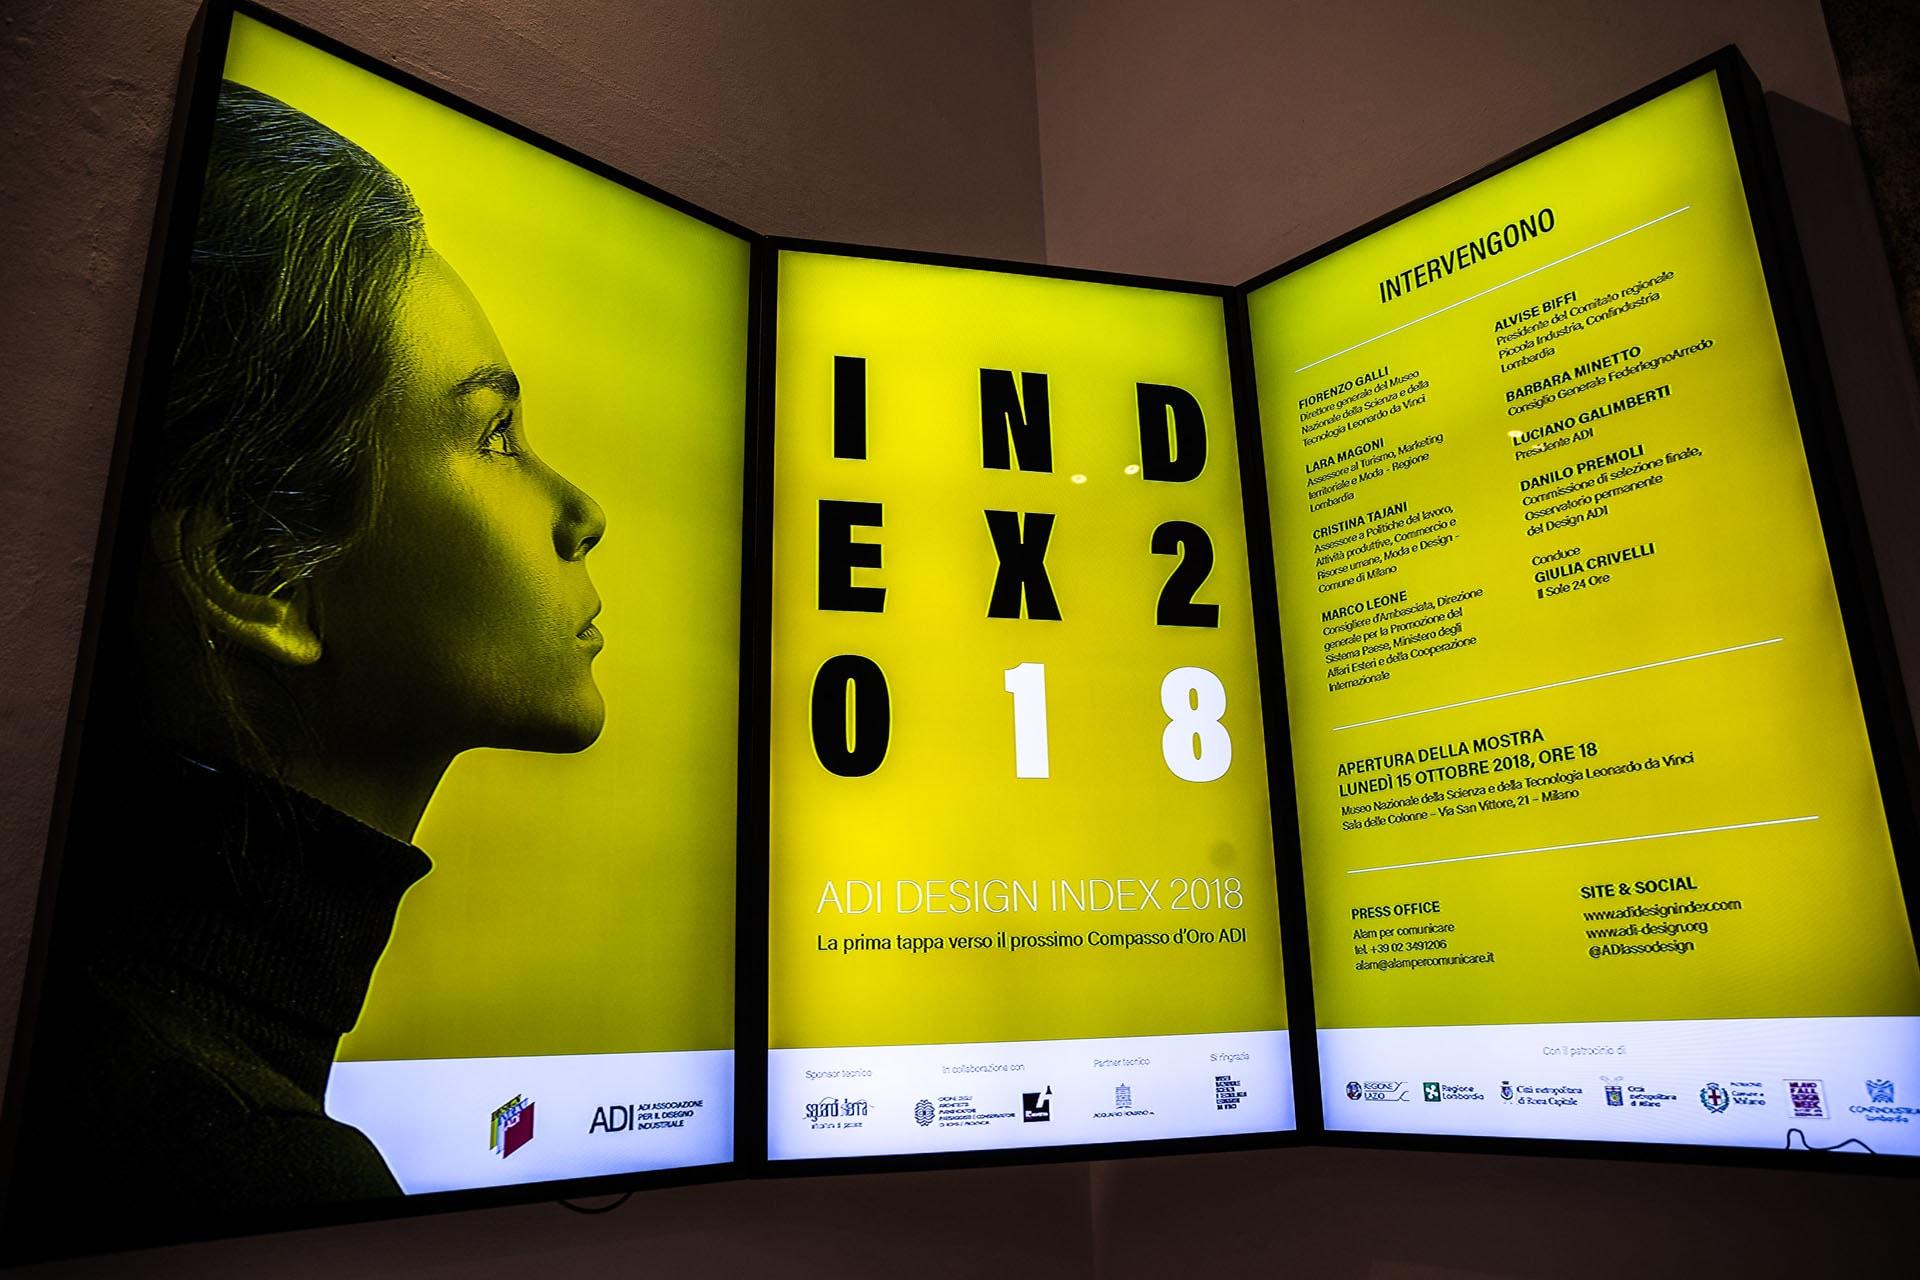 Mostra Design Milano 2018 adi design index 2018 - interni magazine